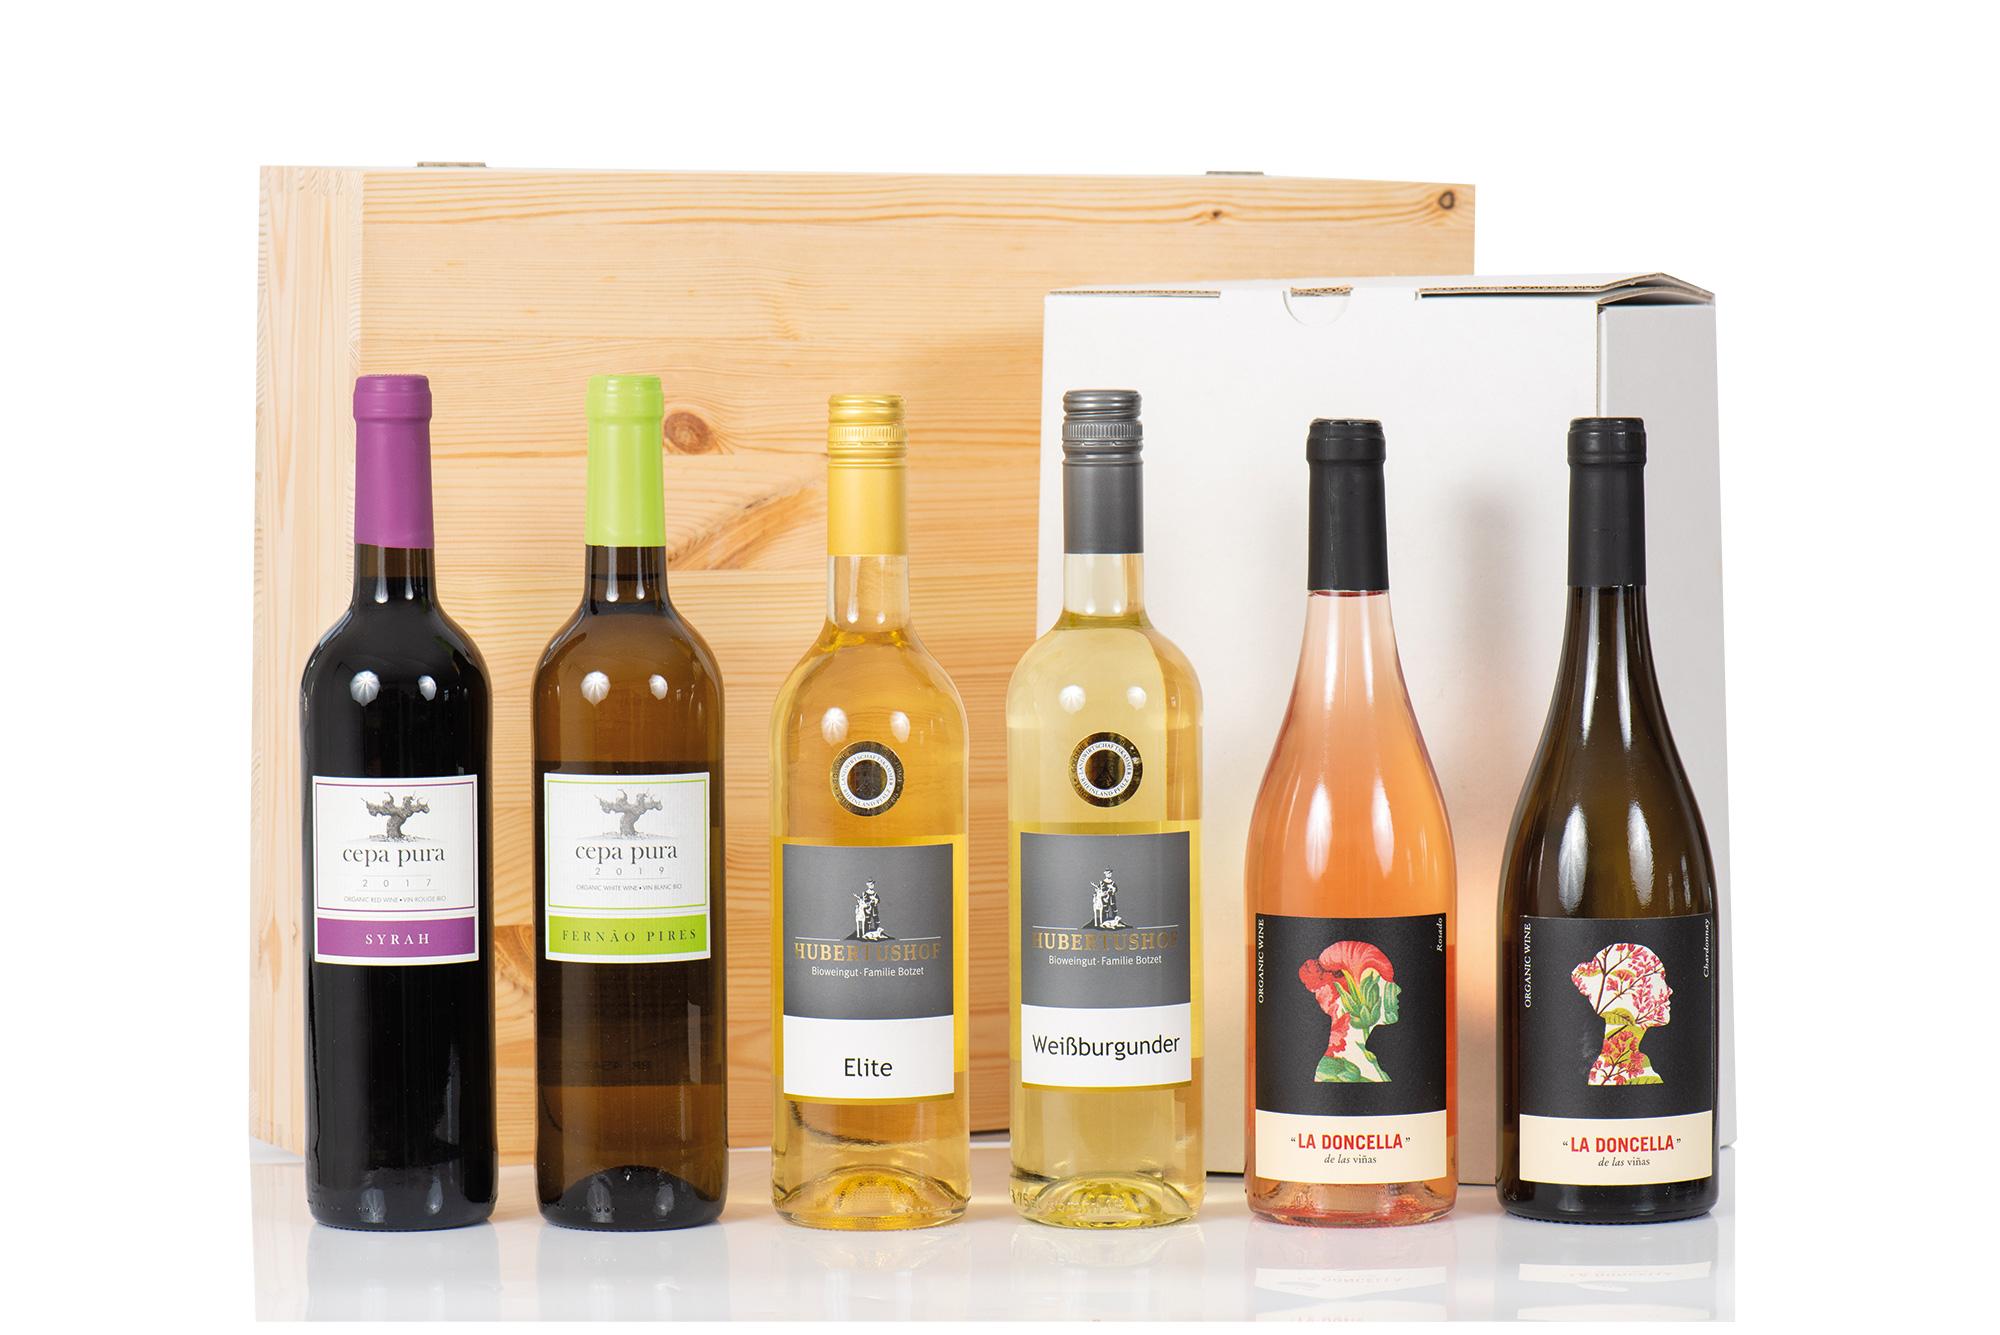 BIO Probierbox Weinreise